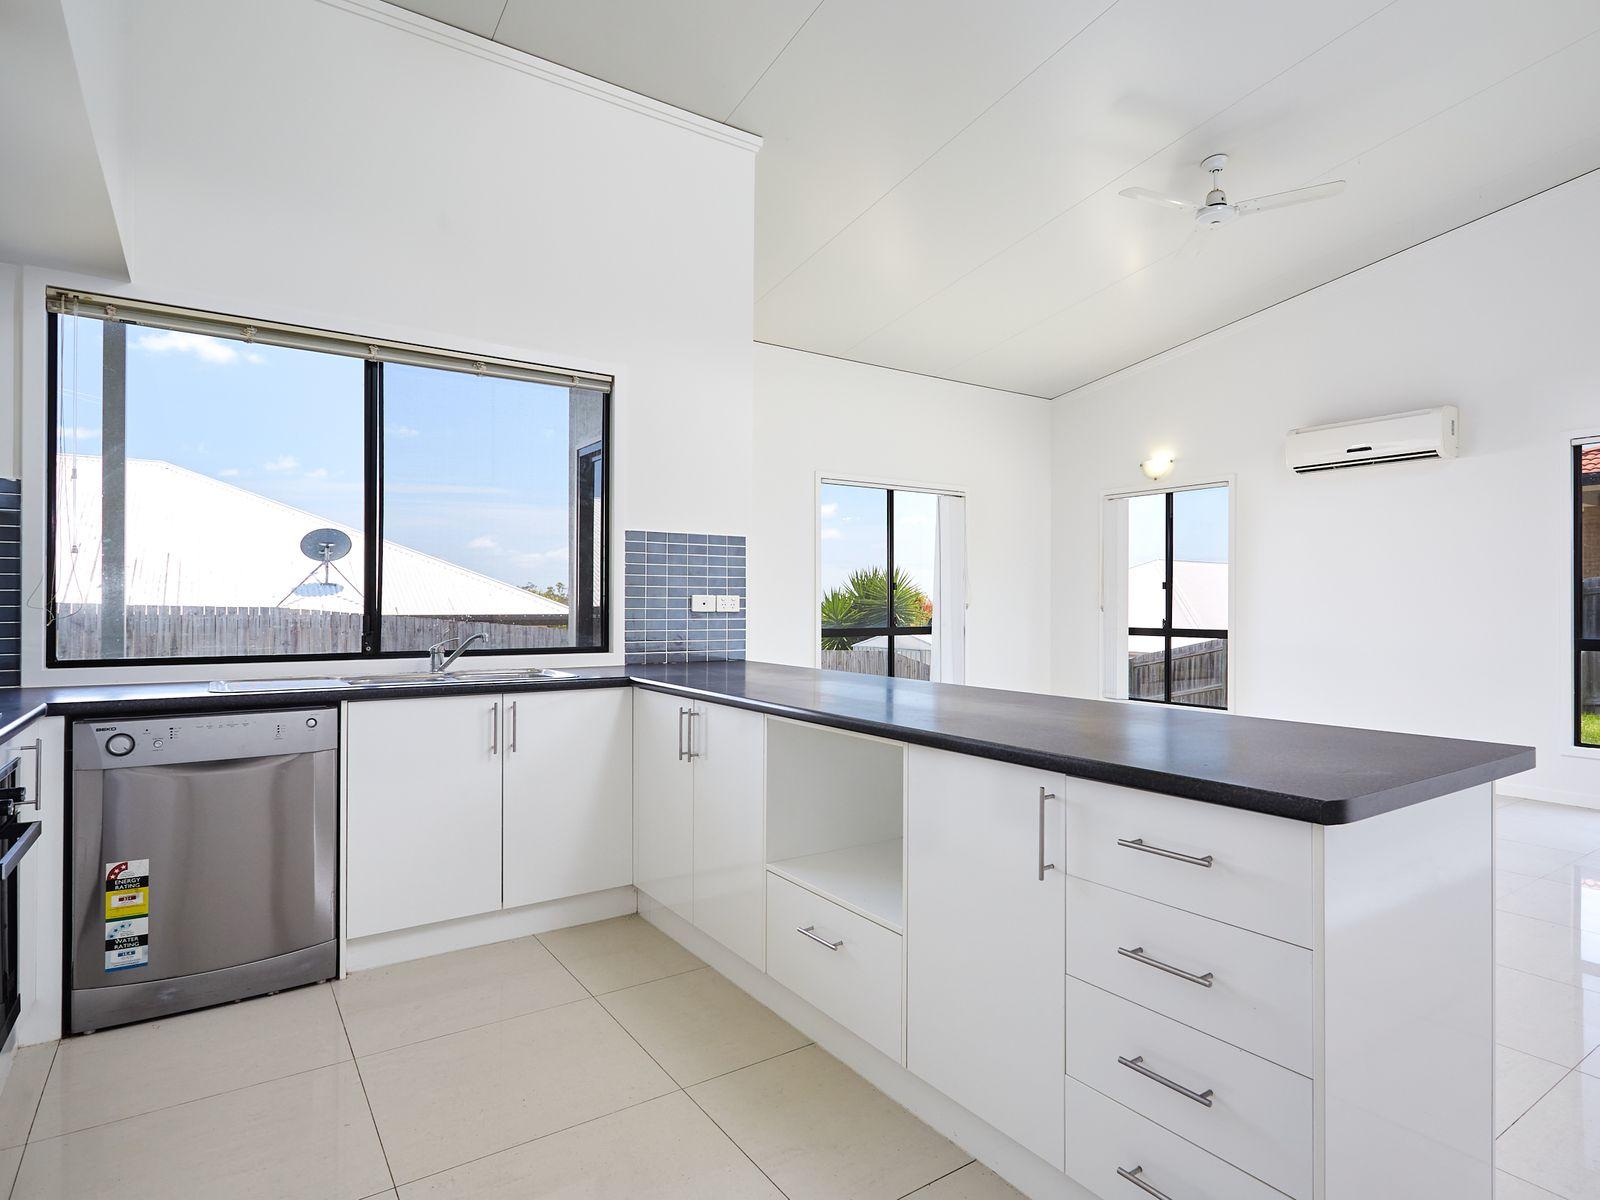 34 Edgeware Road, Pimpama, QLD 4209